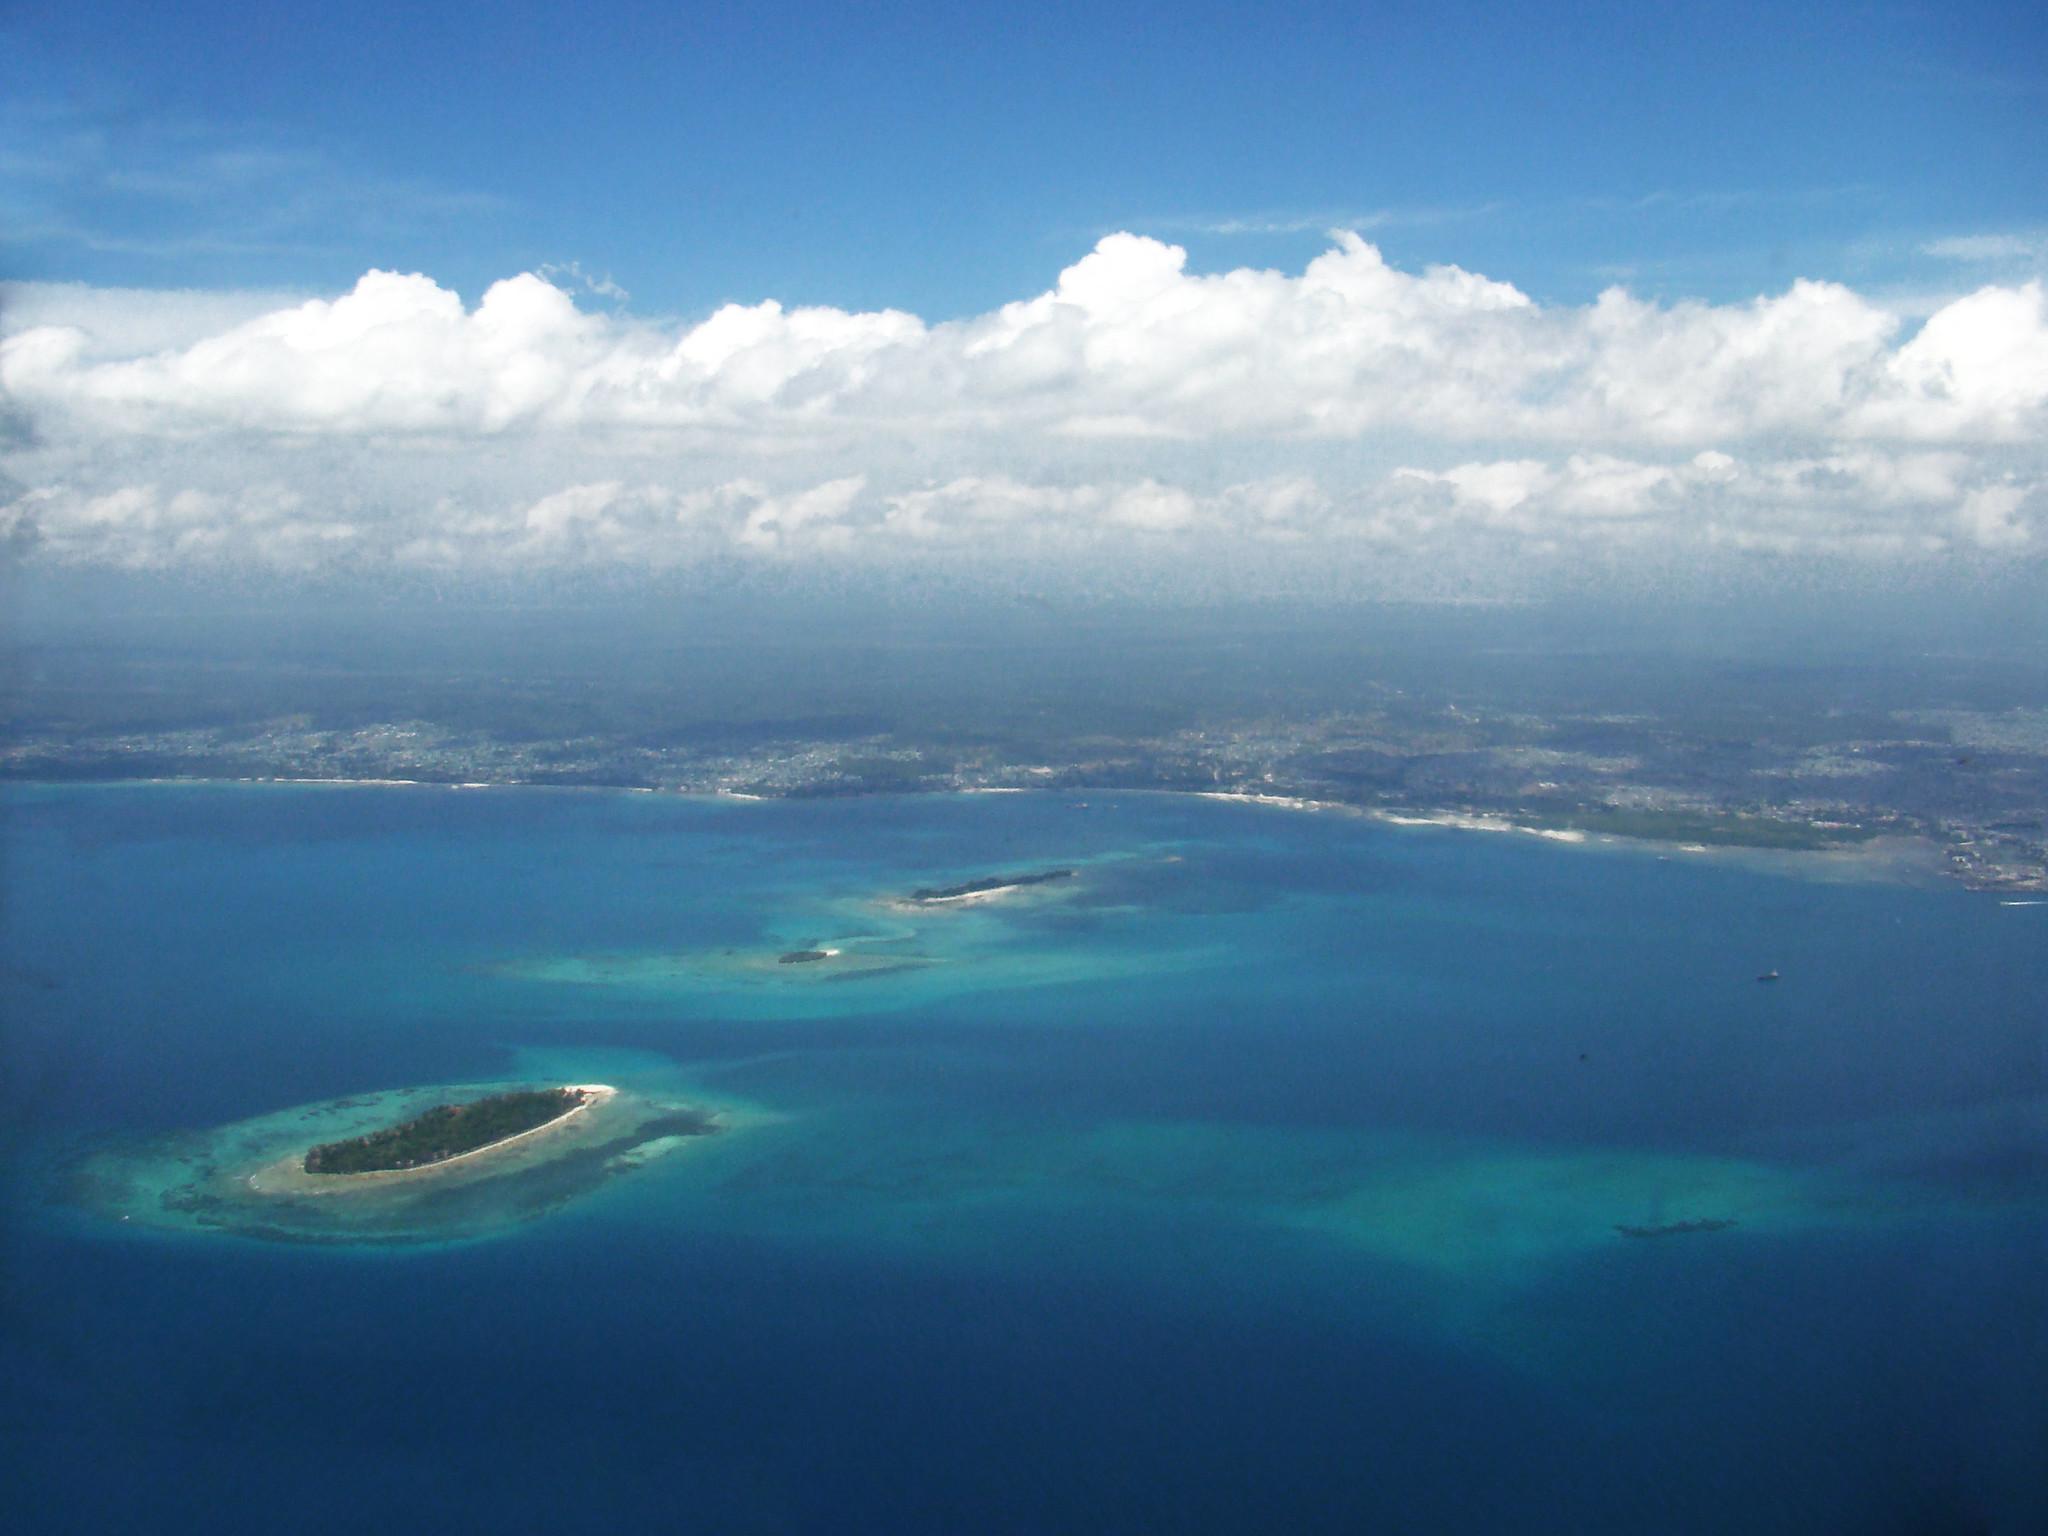 archipiélago Islas Zanzibar desde el cielo Tanzania 04